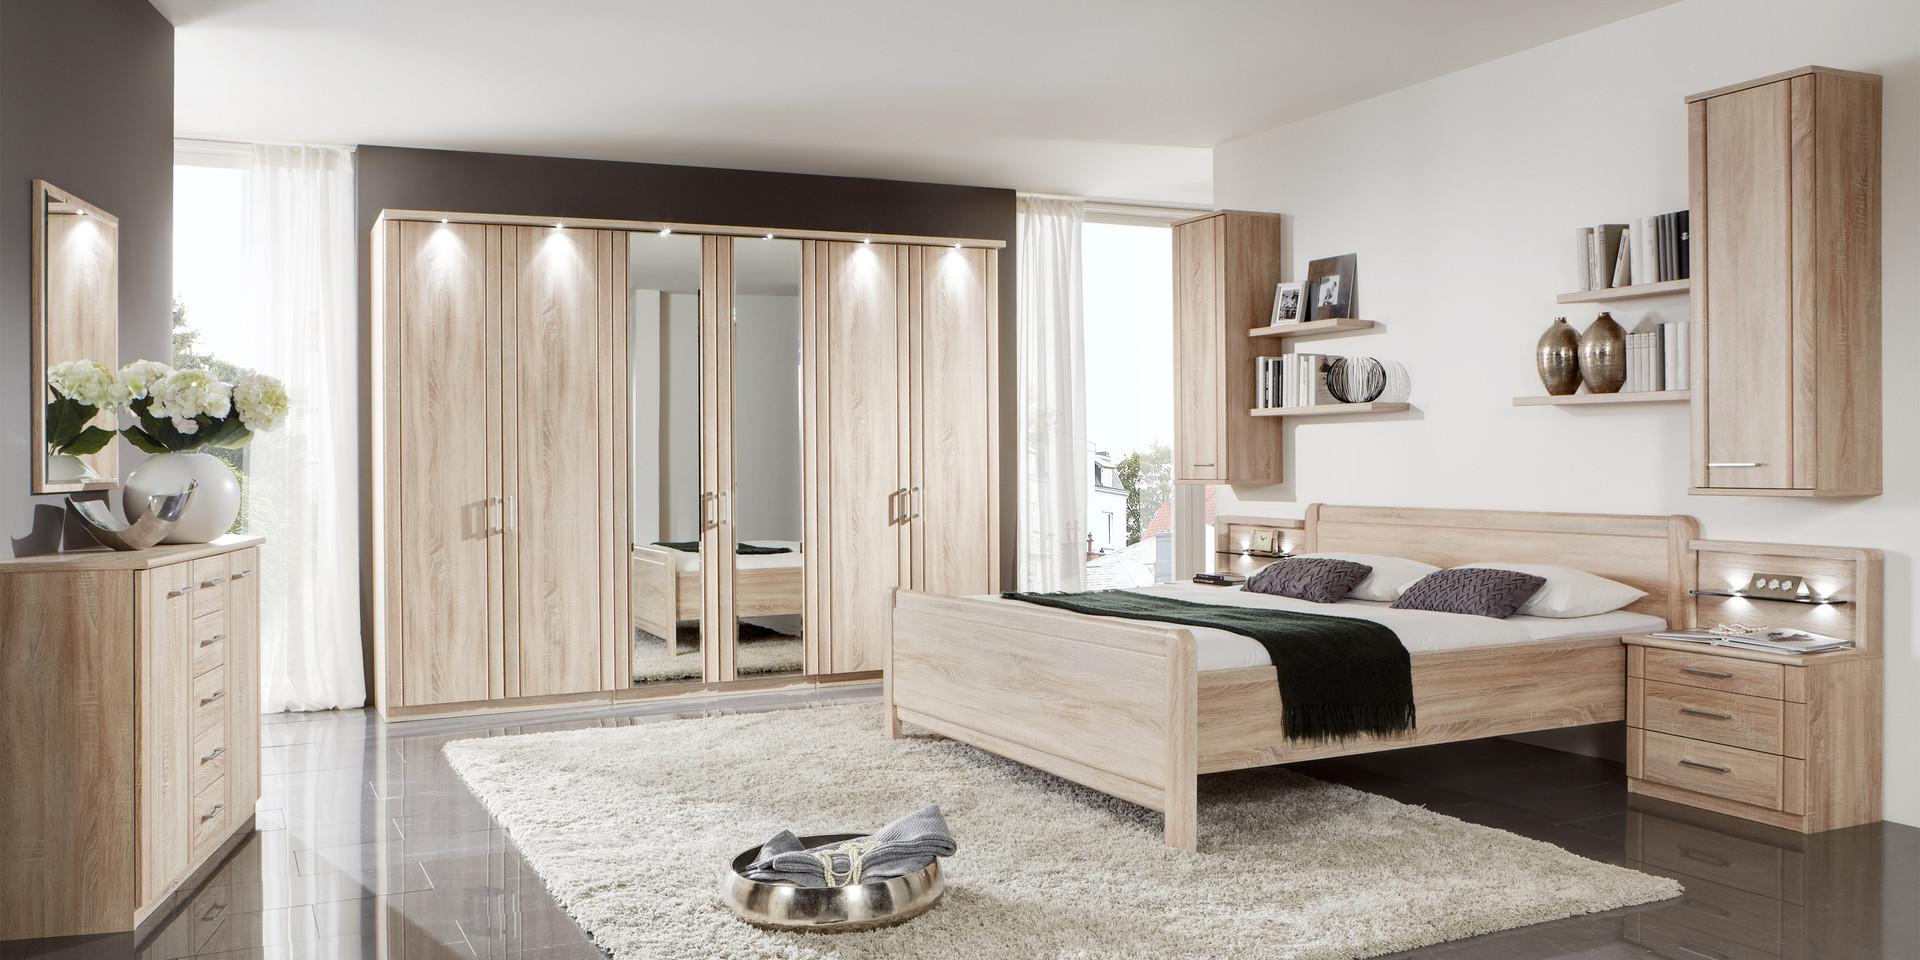 erleben sie das schlafzimmer valencia m belhersteller. Black Bedroom Furniture Sets. Home Design Ideas